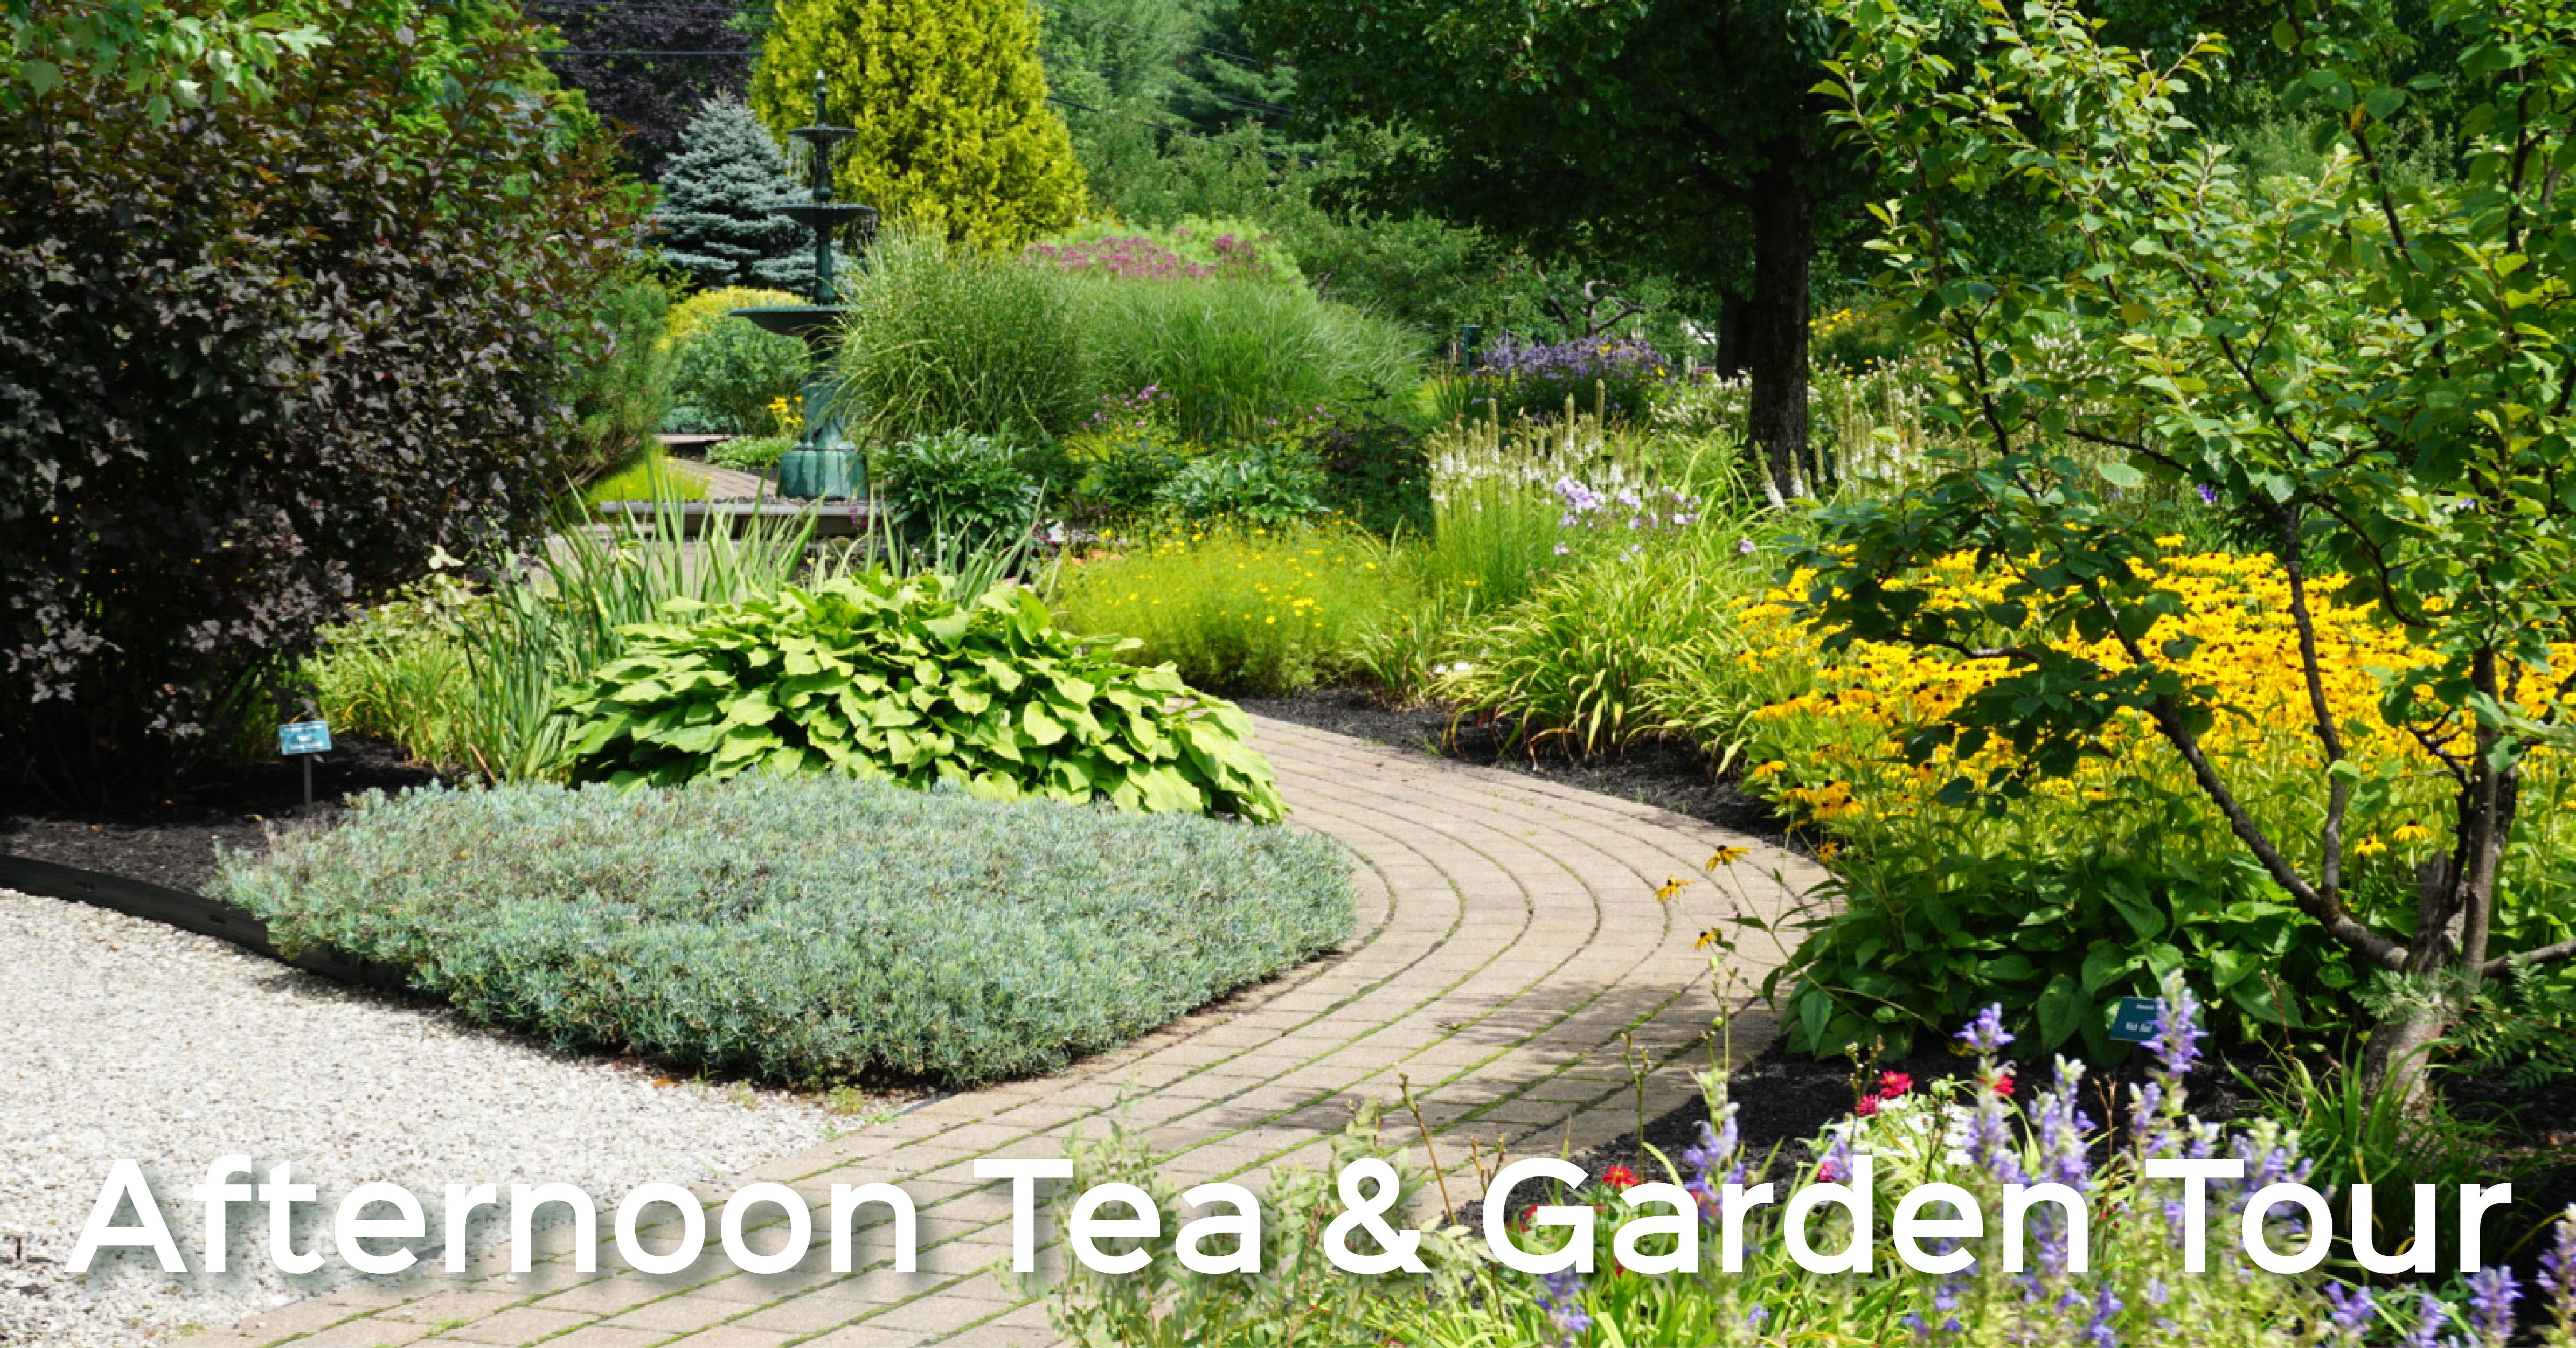 The Pineland Farms Garden